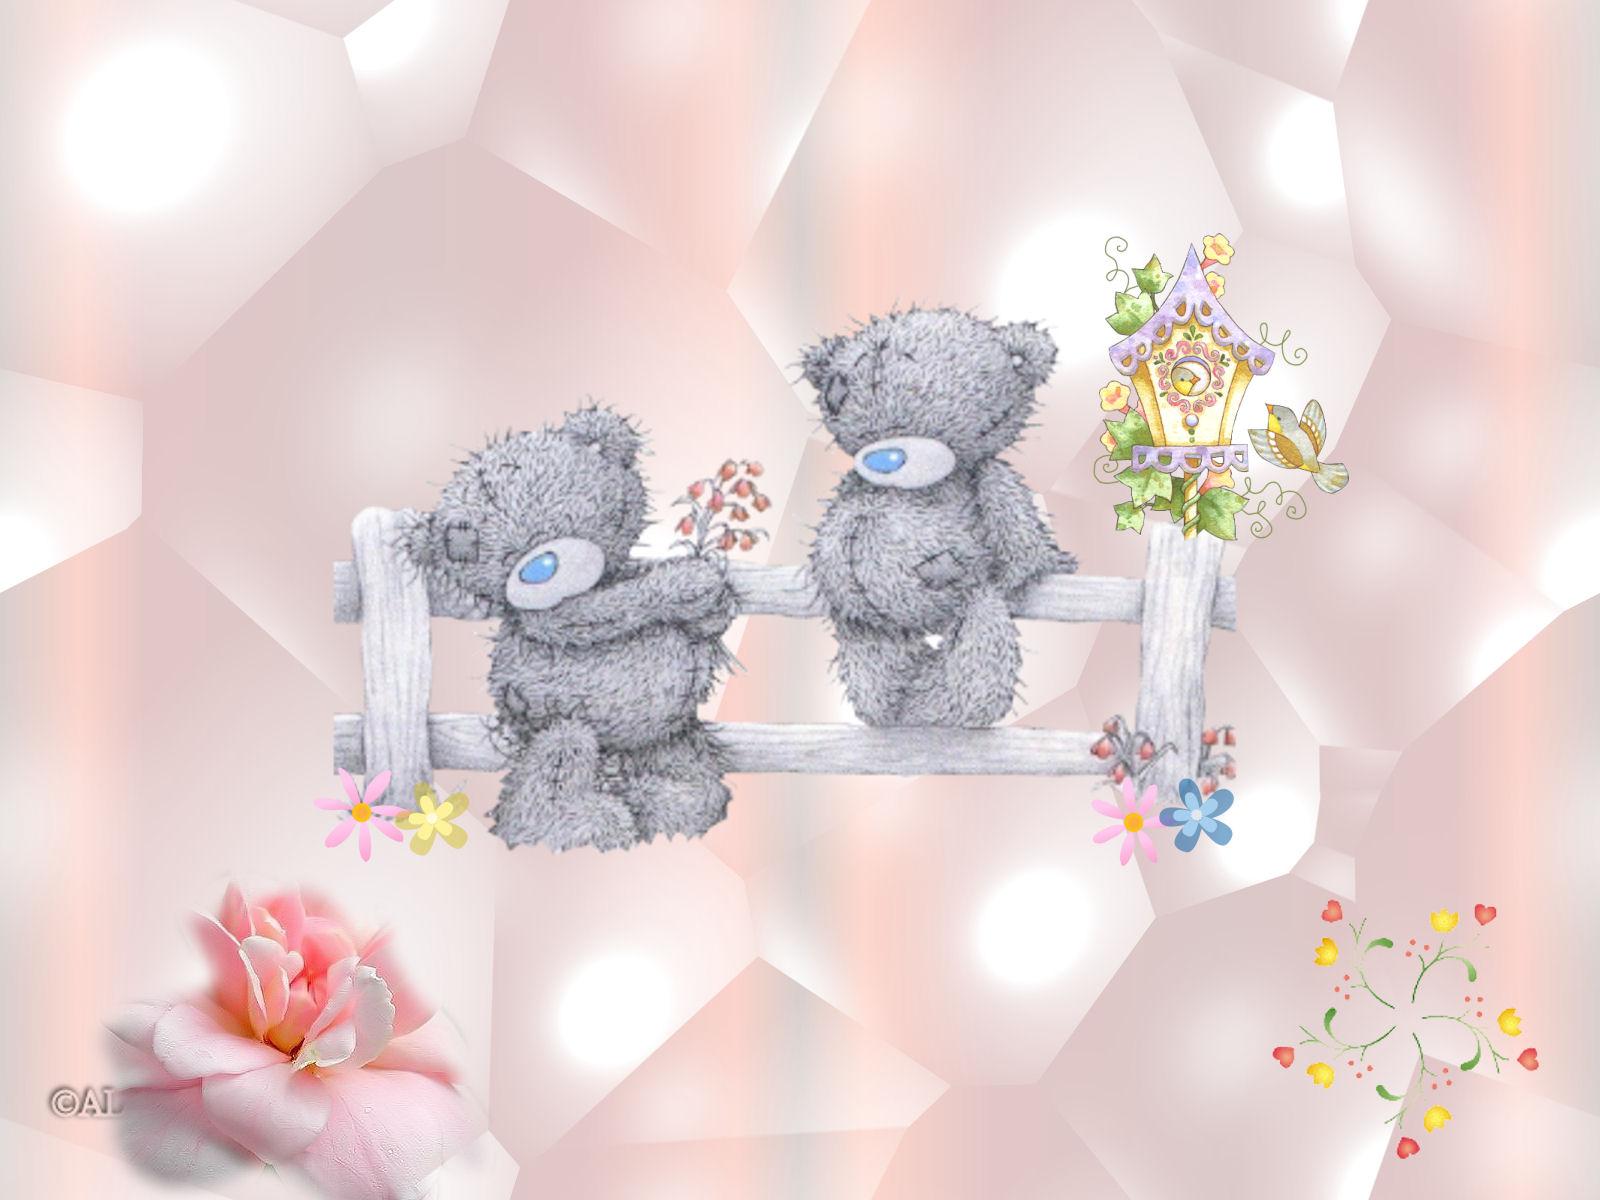 12 de marzo de 2011 etiquetas fondo osos amorosos peluches wallpaper ...